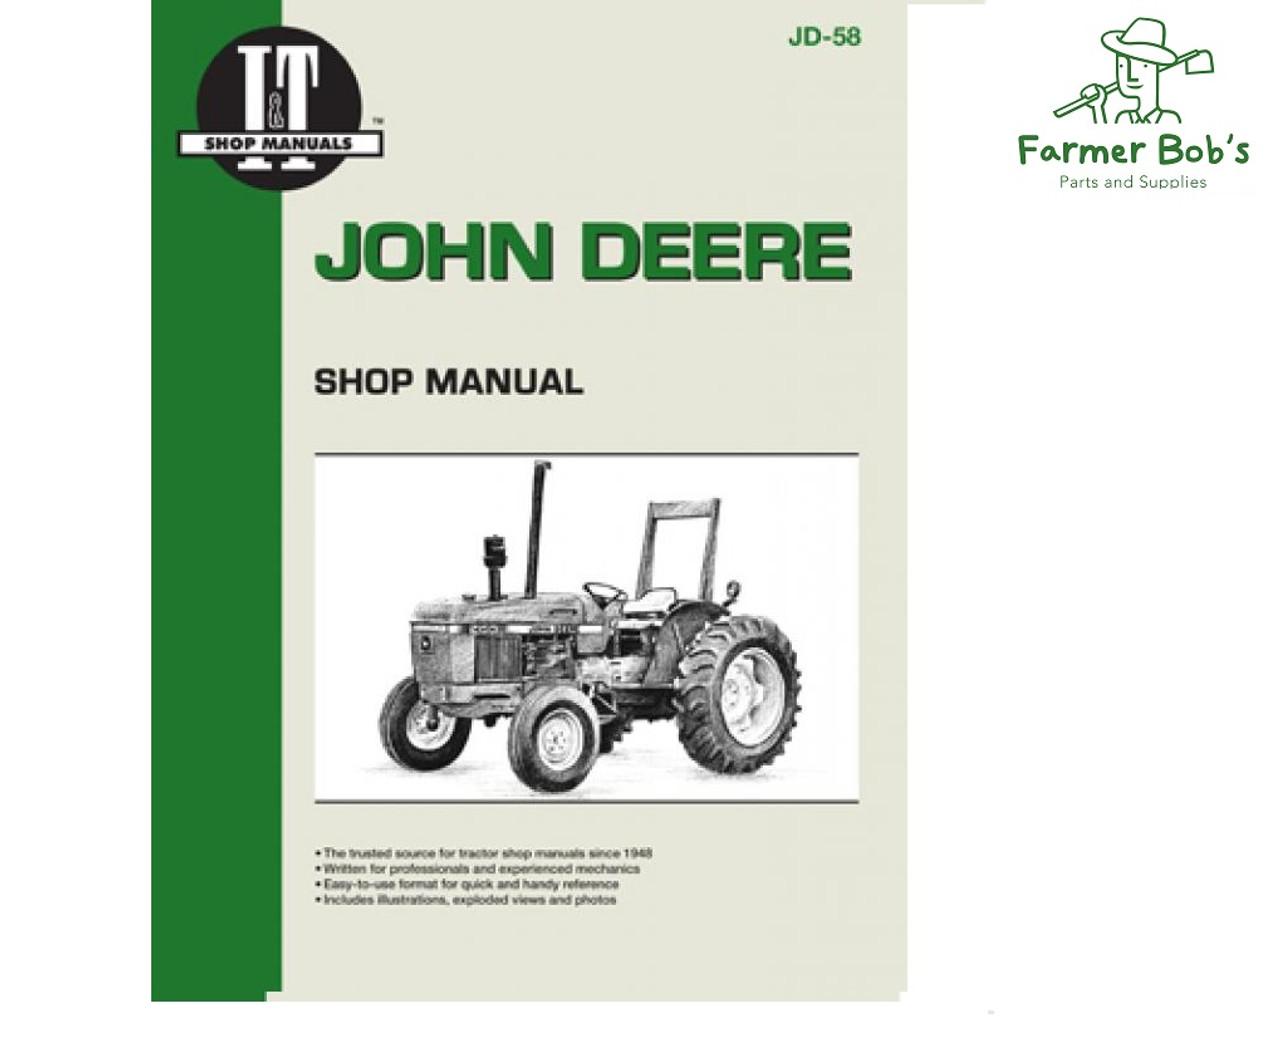 jd58 i t shop manuals john deere 2150 2155 2255 2350 2355 [ 1280 x 1048 Pixel ]